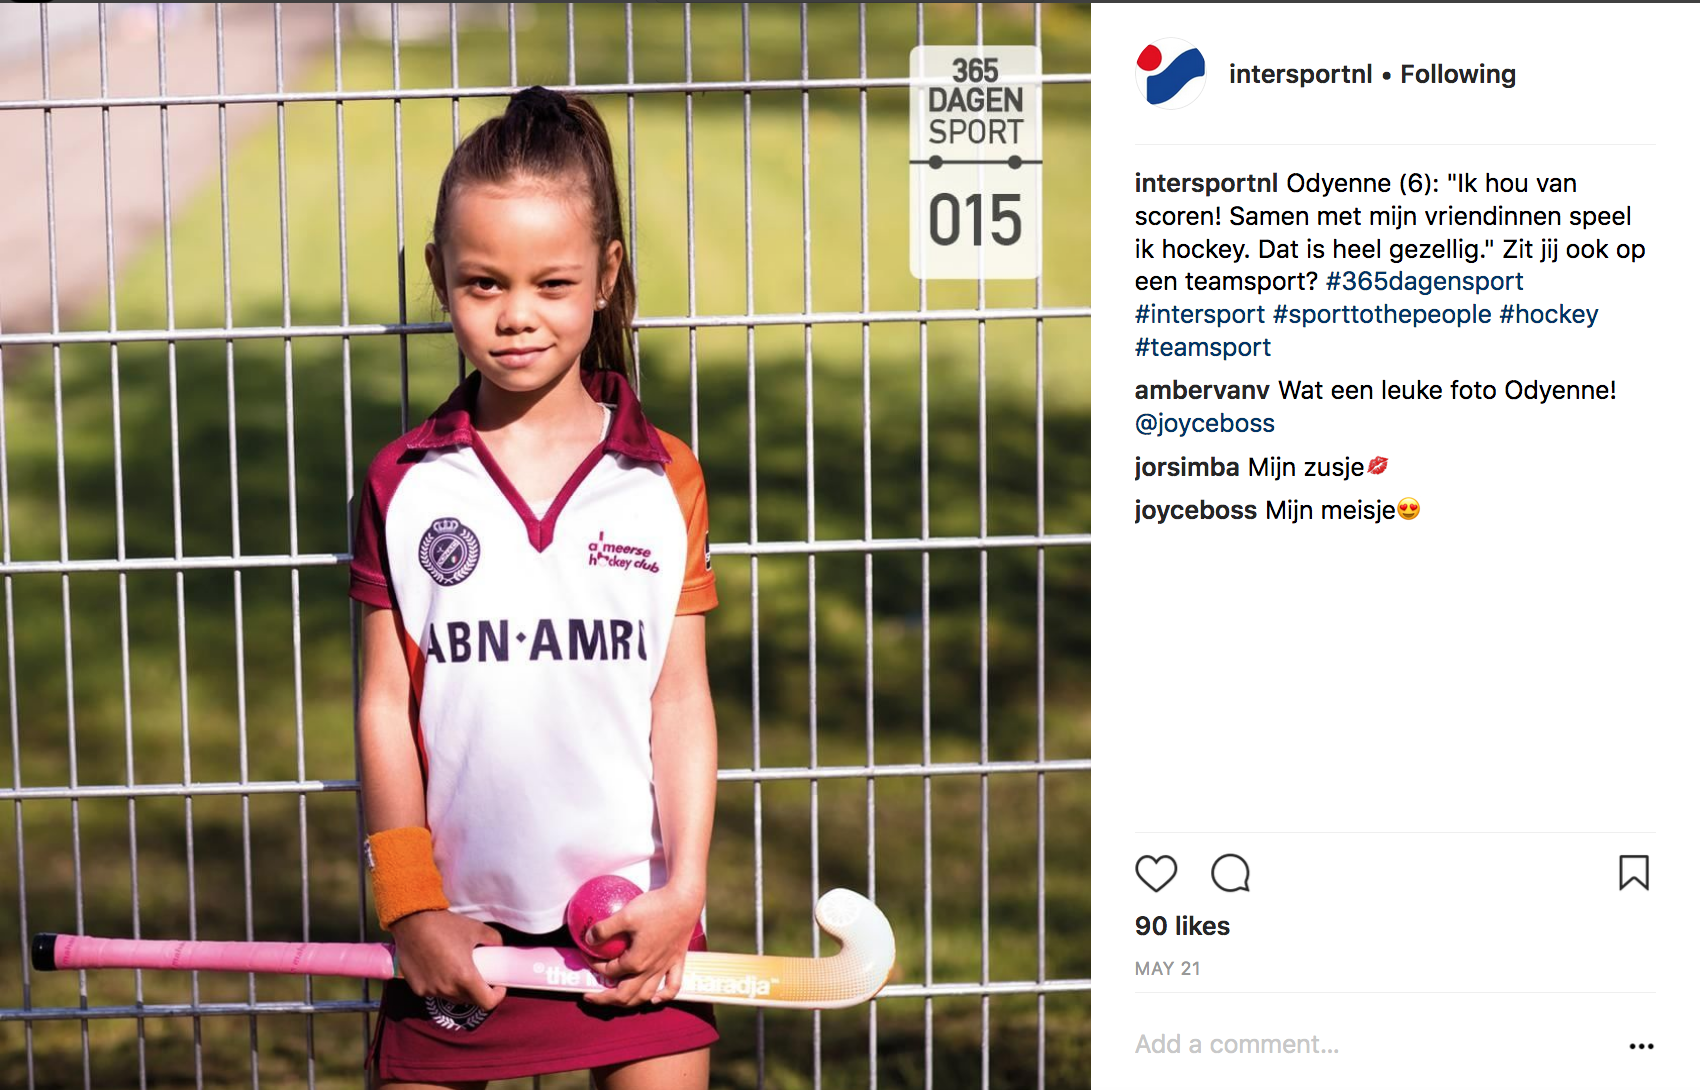 intersport social media campaign mpg arjaan hamel